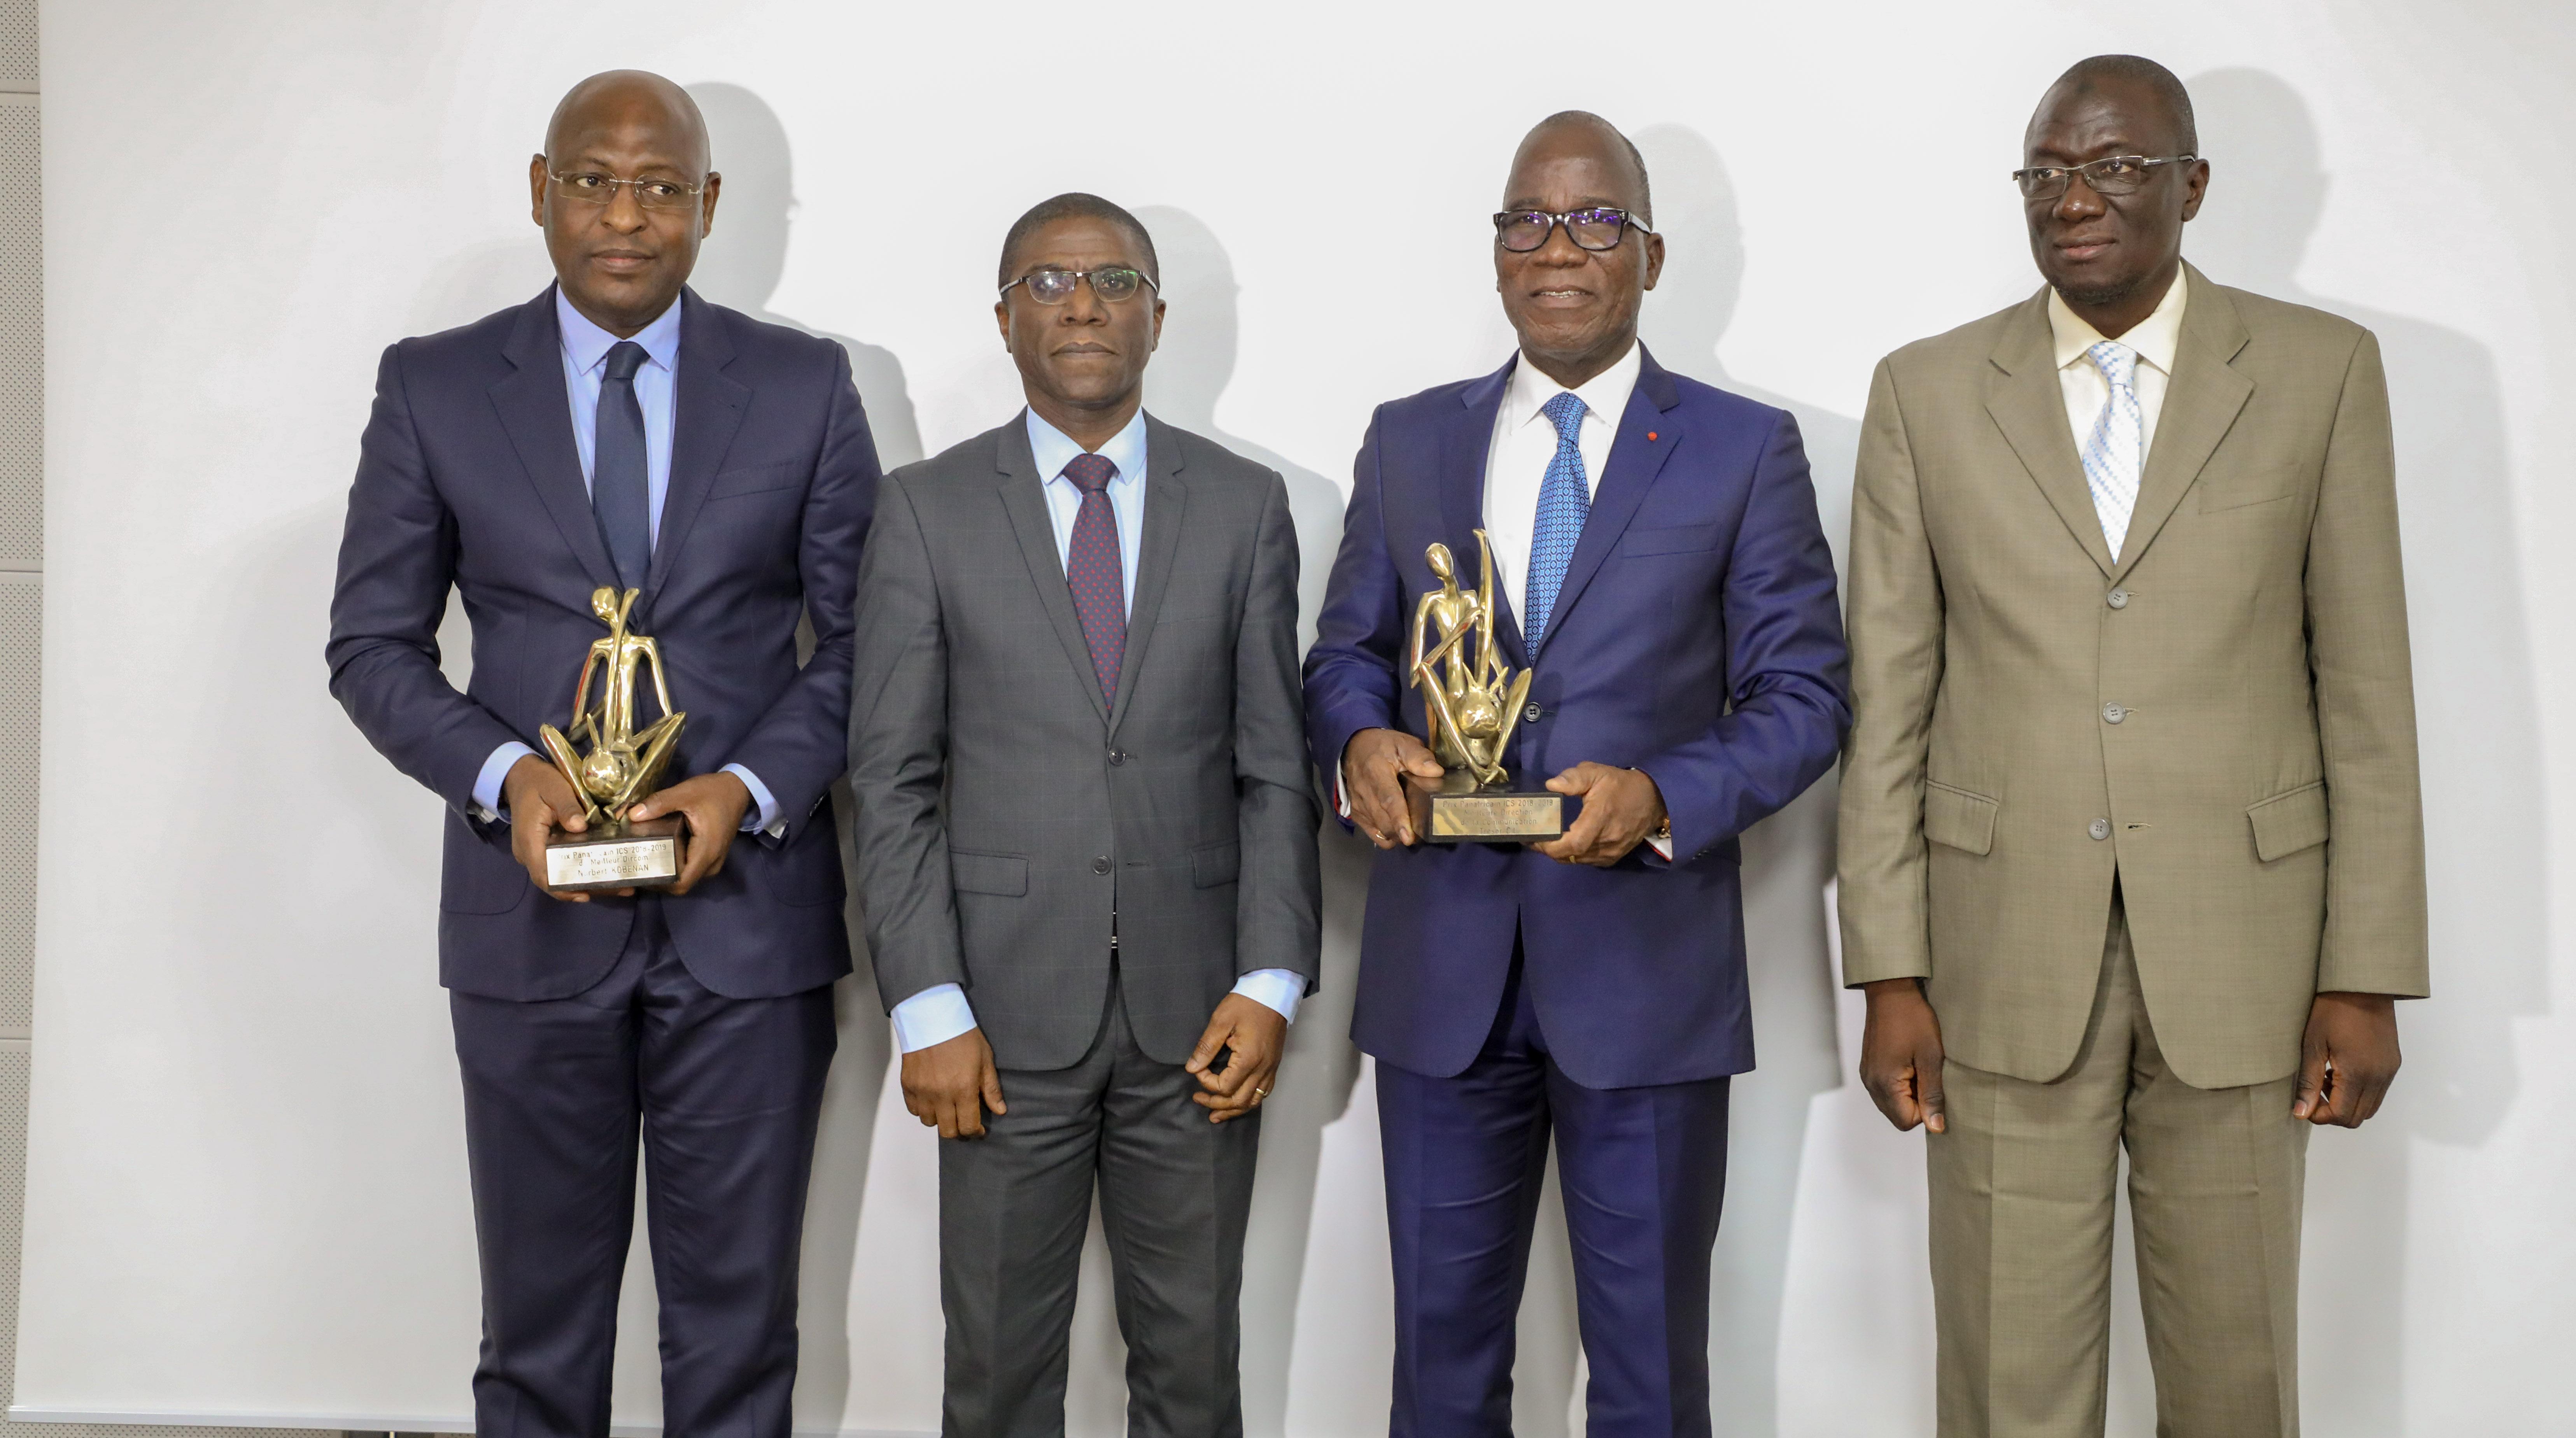 Trésor public,Côte d'Ivoire,prix panafricains